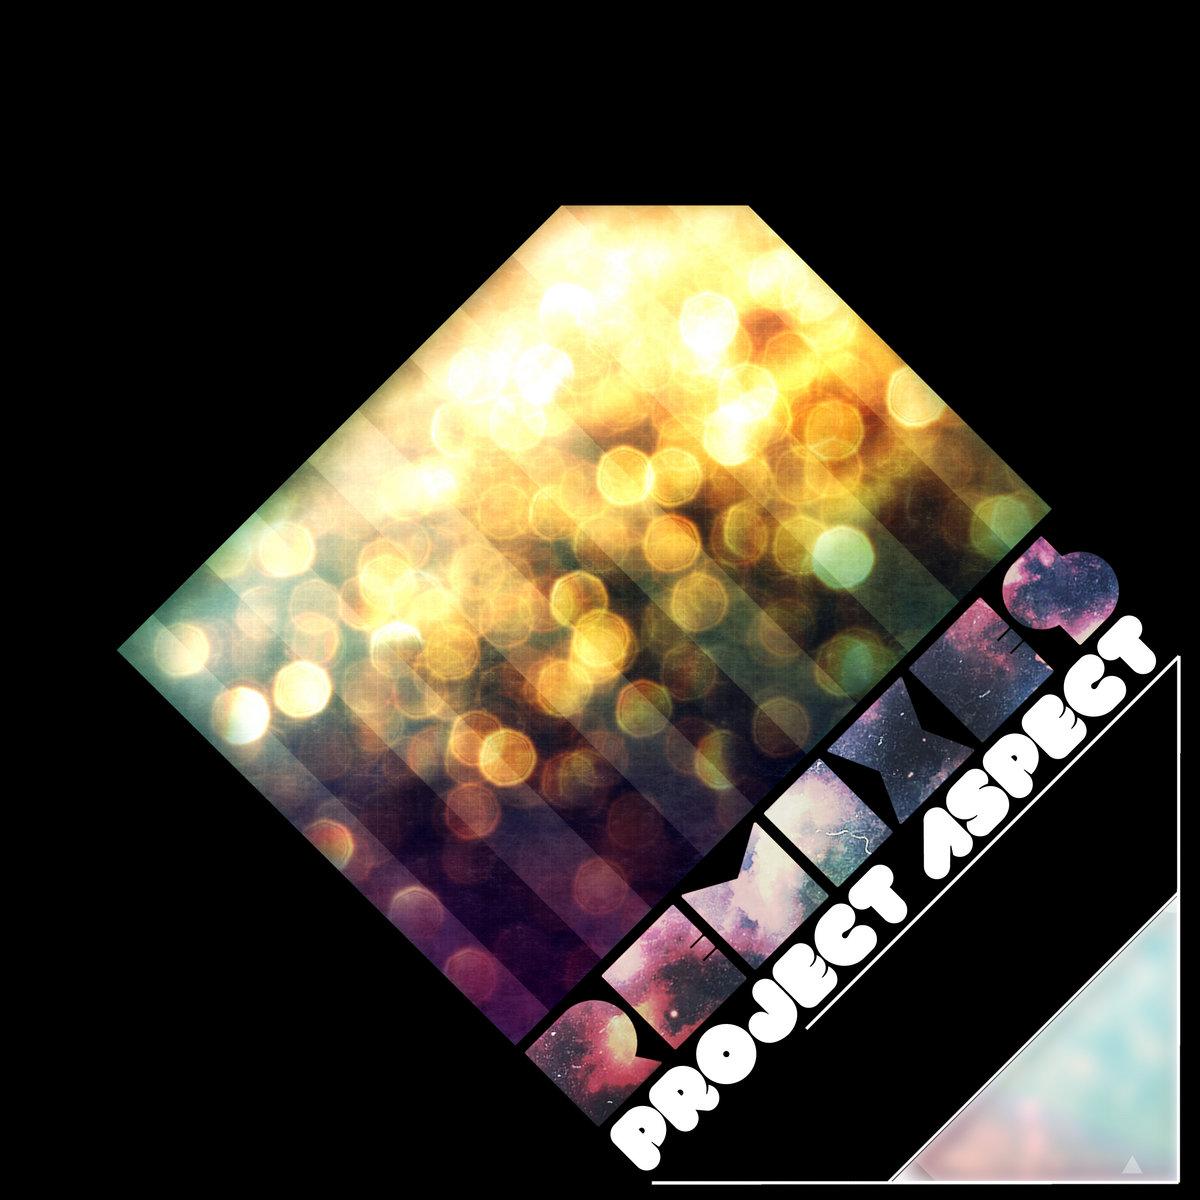 Edward Maya & Vika Jigulina - Stereo Love (ProJect Aspect Remix